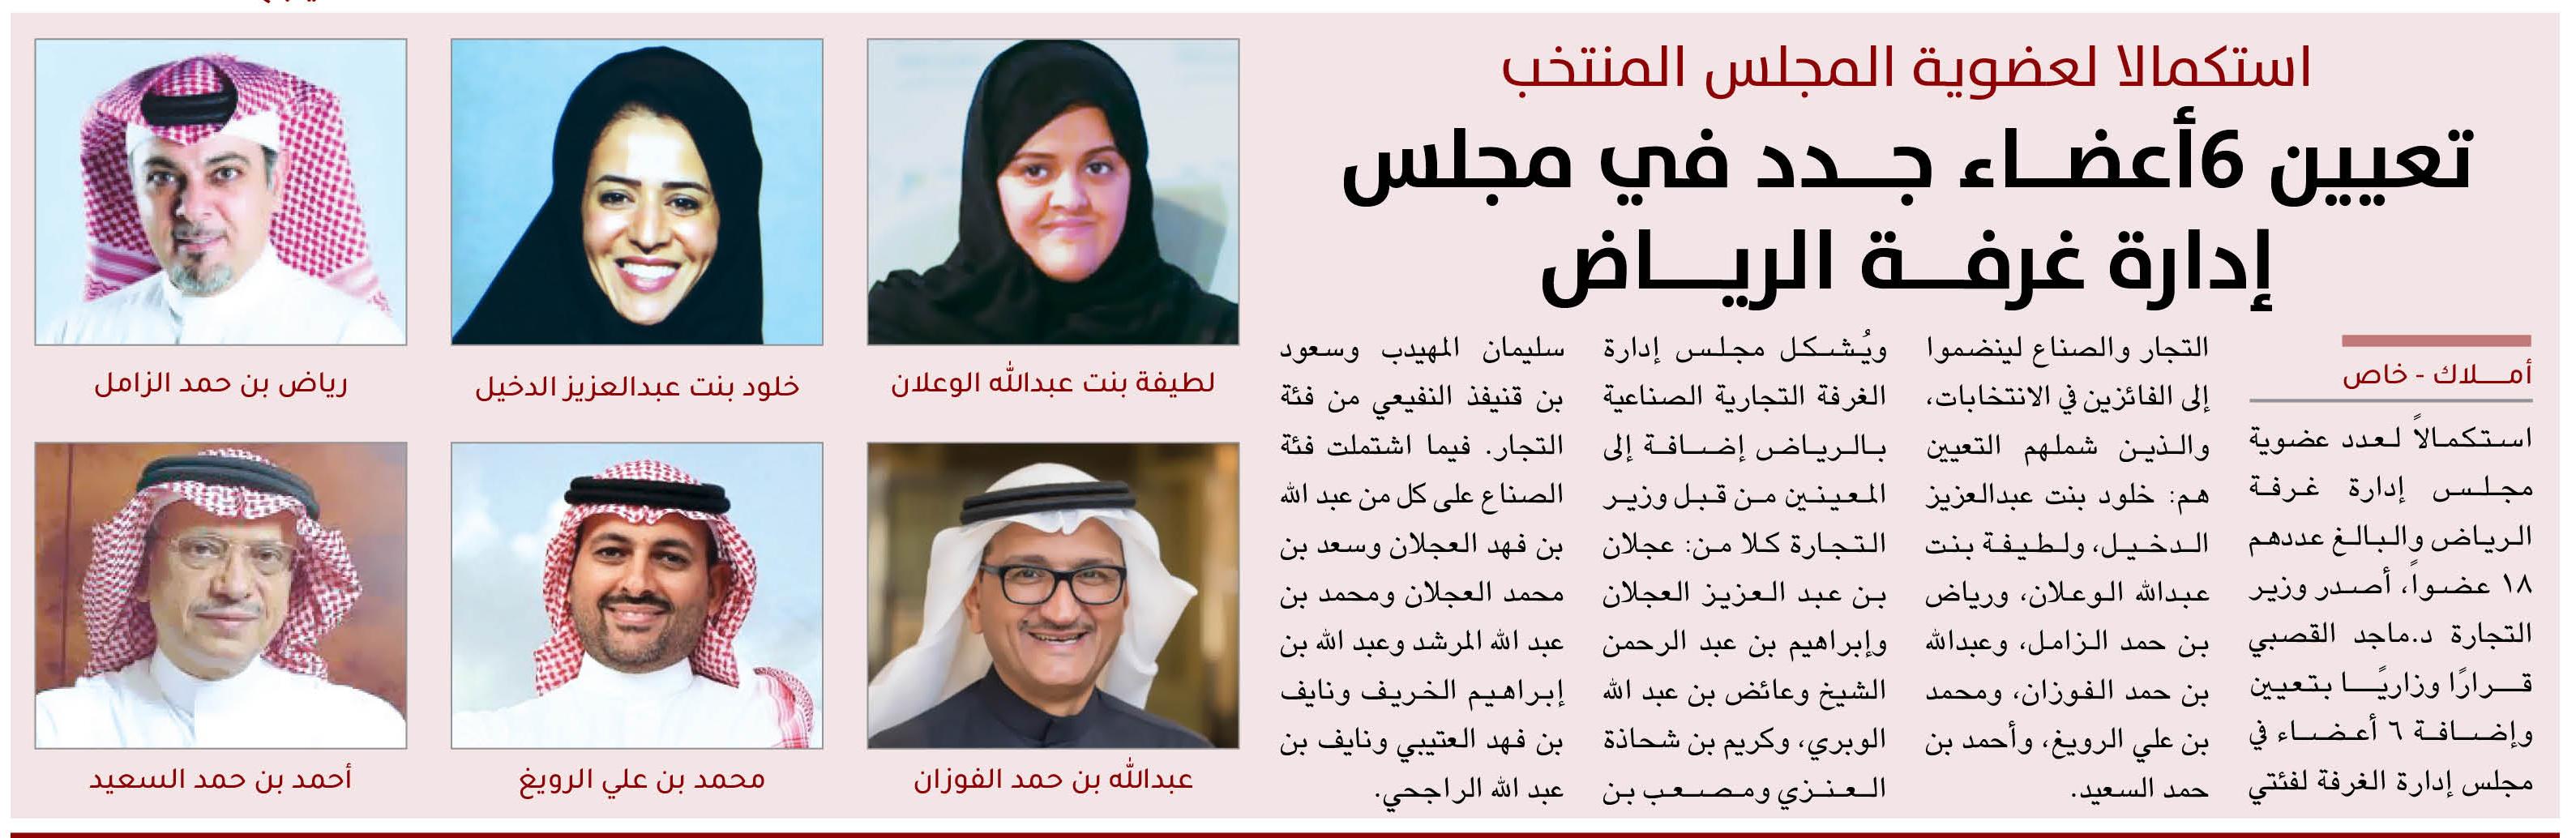 أعضاء مجلس إدارة مجلس الرياض